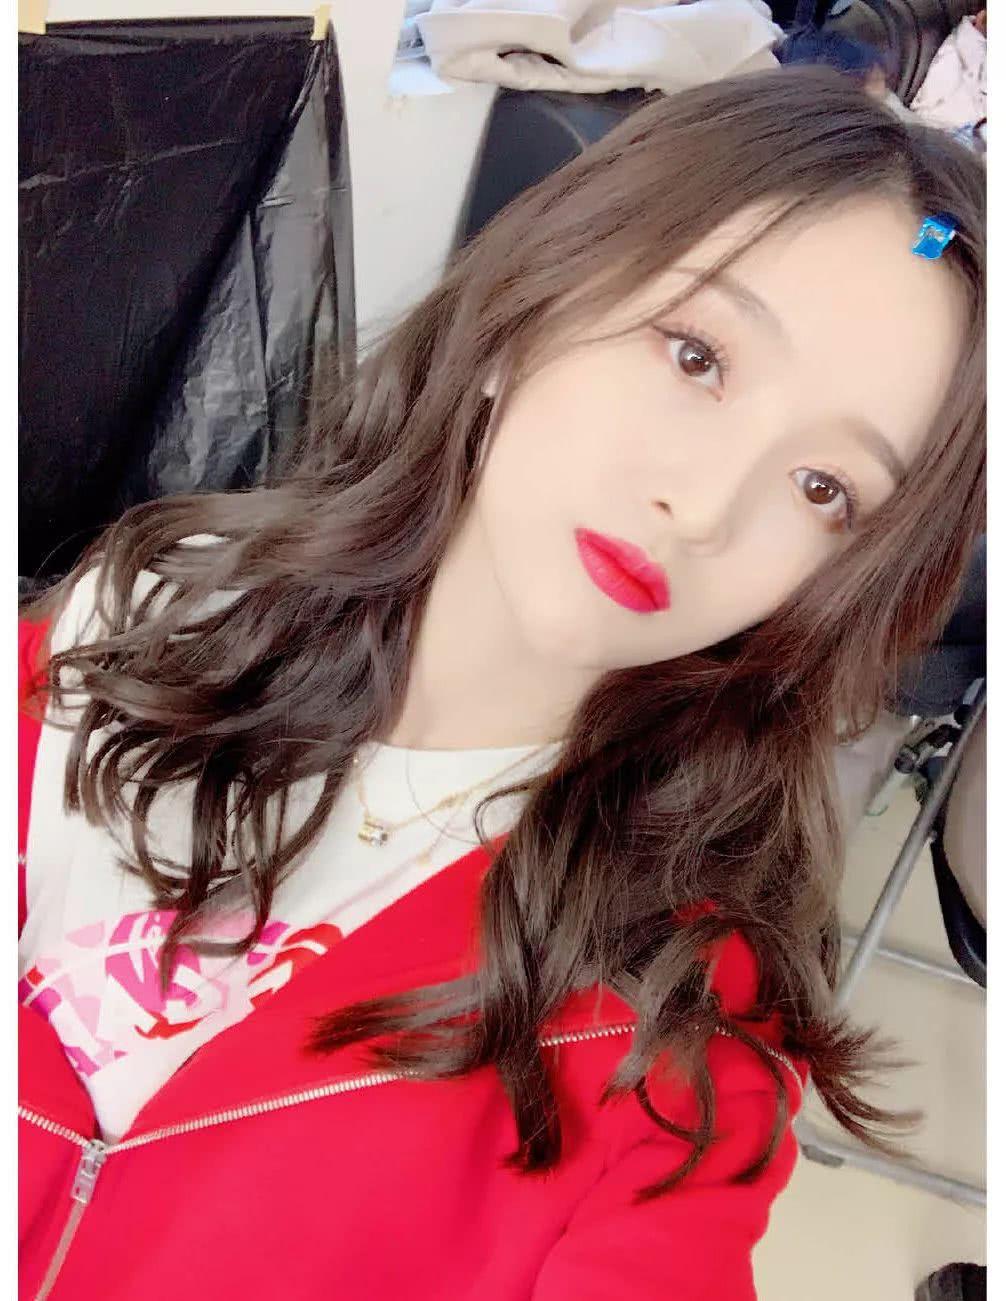 南都娱乐2018十大人物·吴宣仪 青春魅力,正能量偶